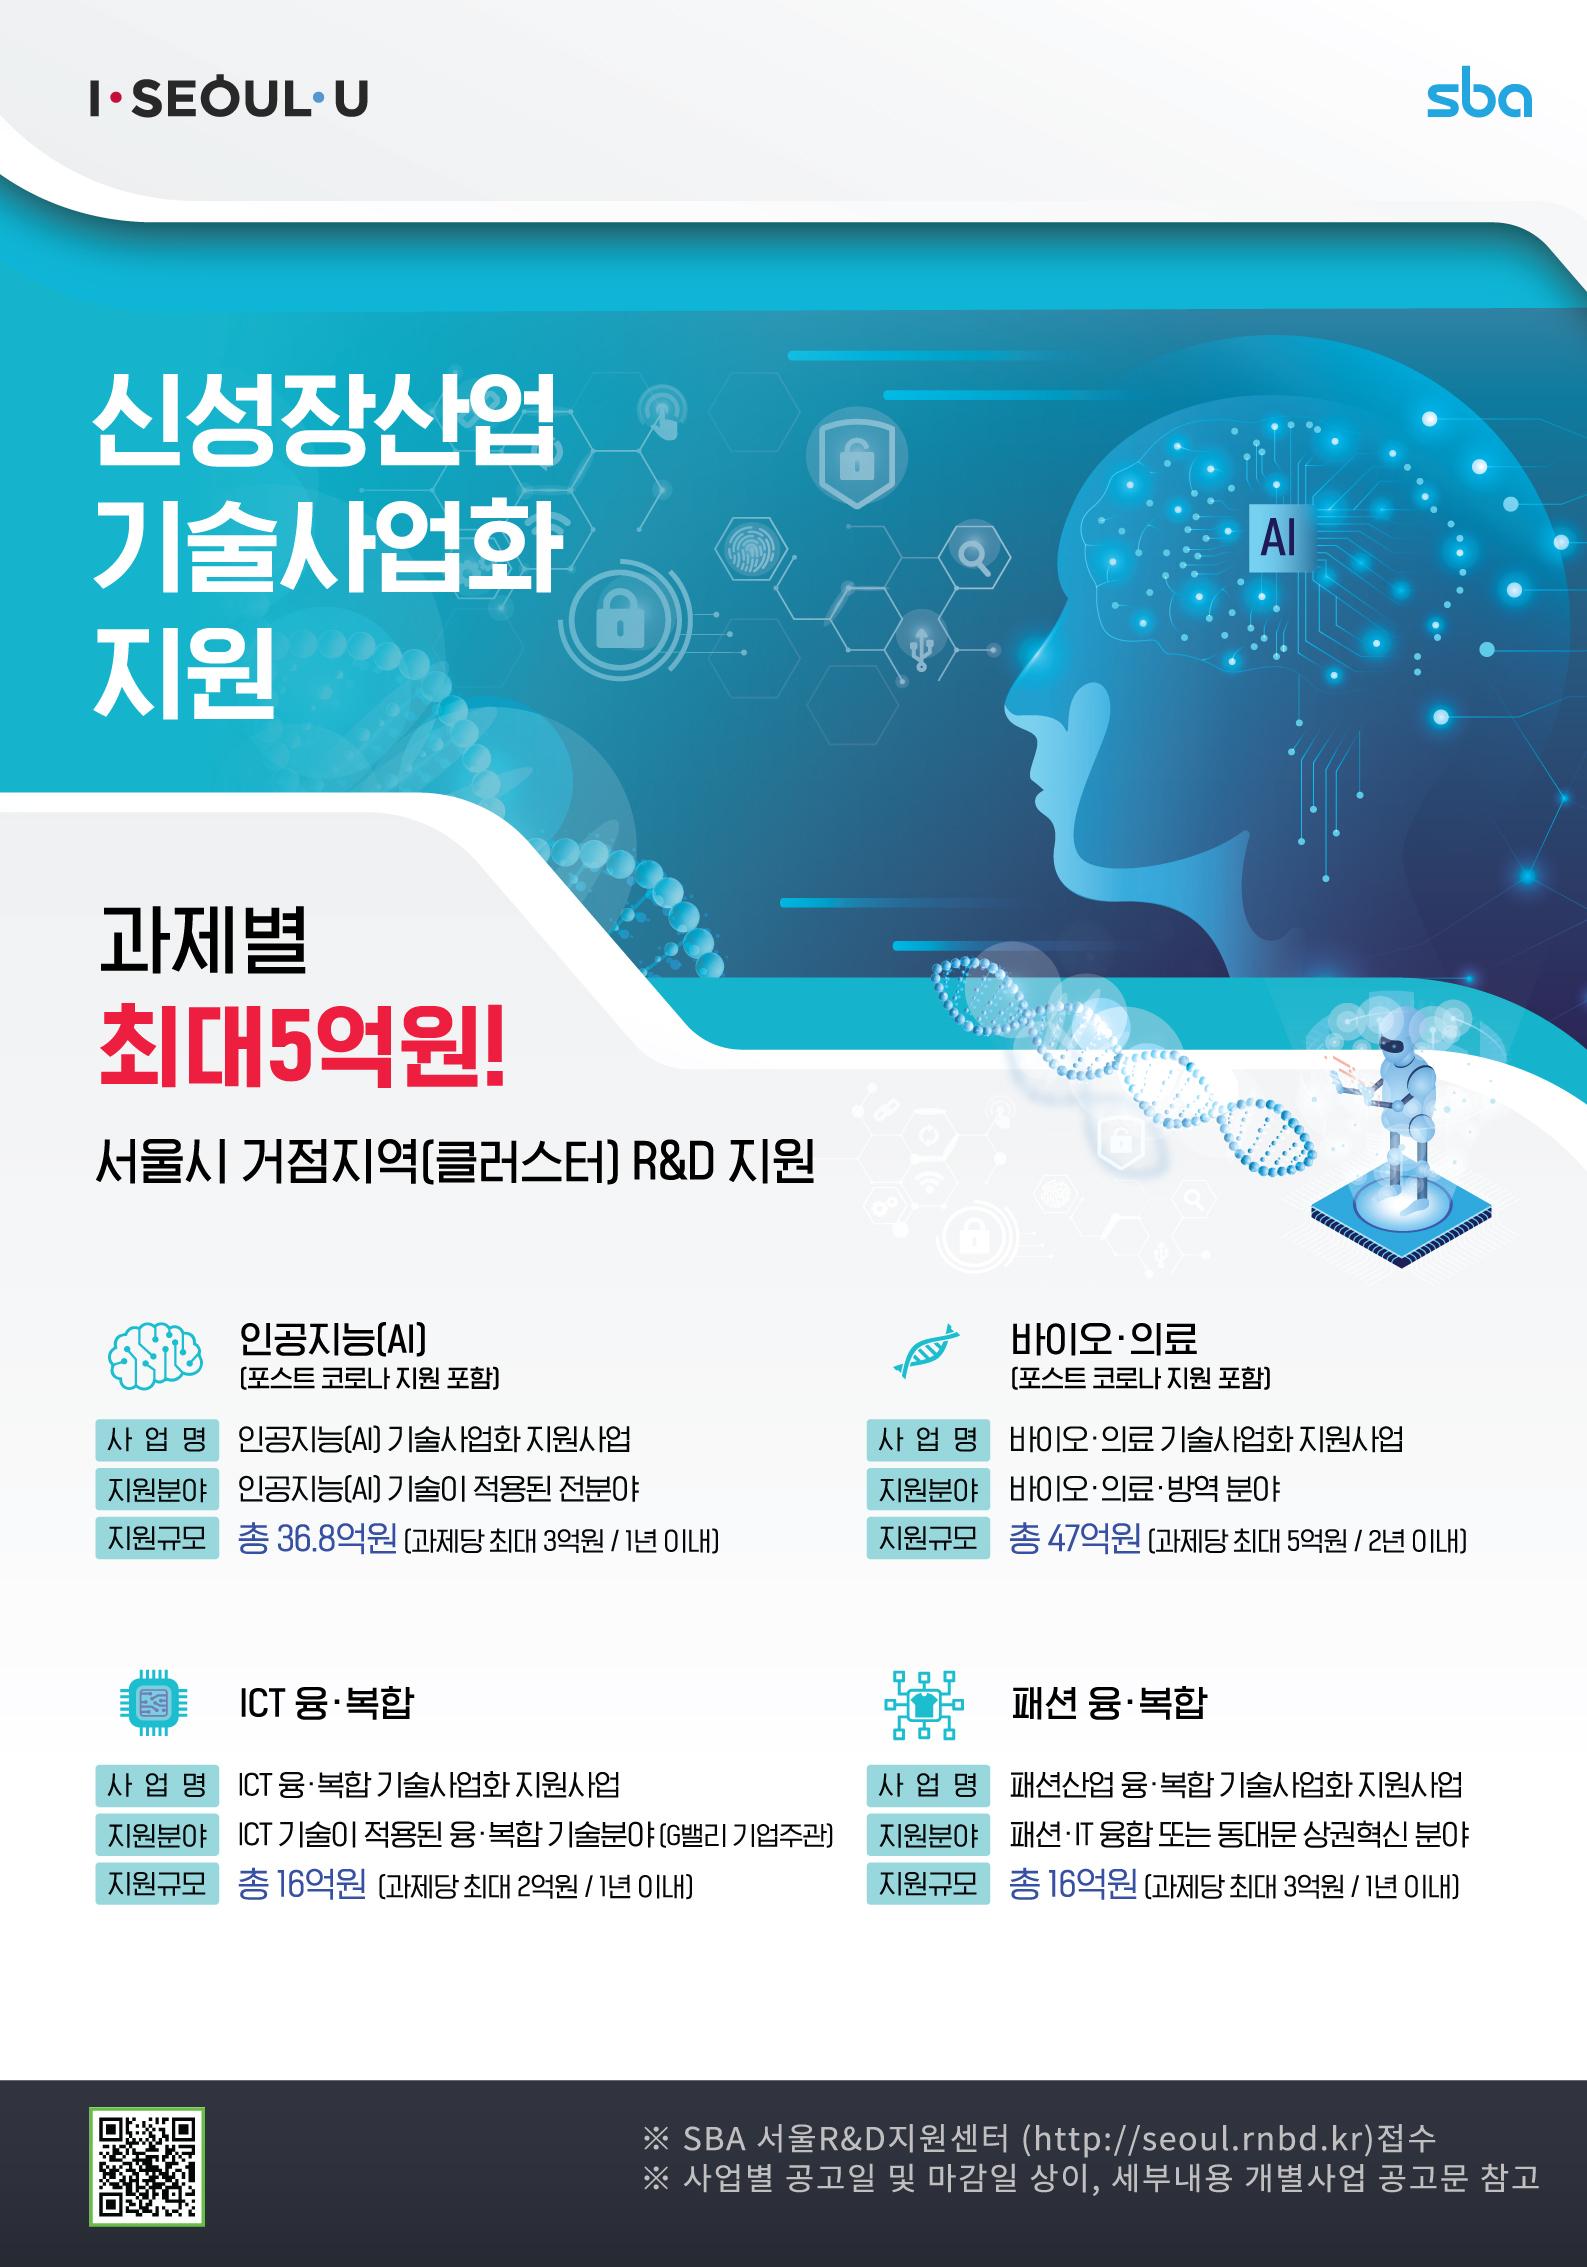 [포스터] SBA 신성장산업 기술사업화  지원사업(AI,바이오,G밸리,패션).jpg